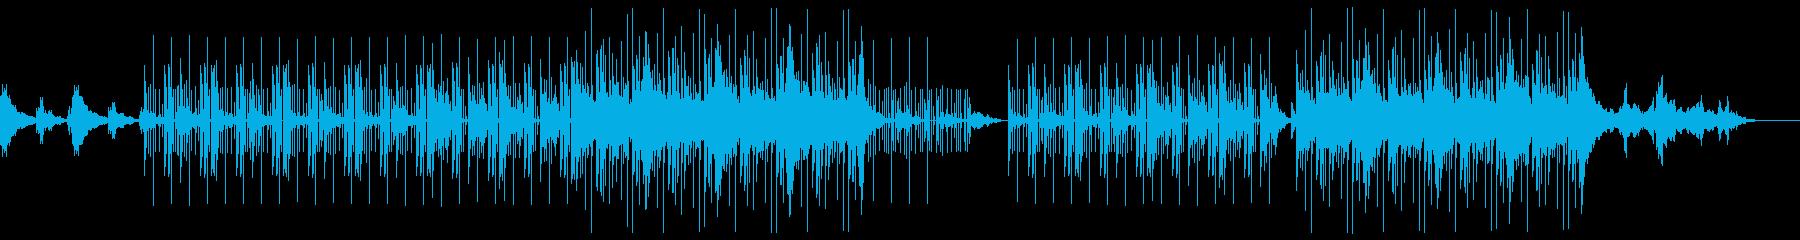 ダーク 空虚 トラップビートの再生済みの波形